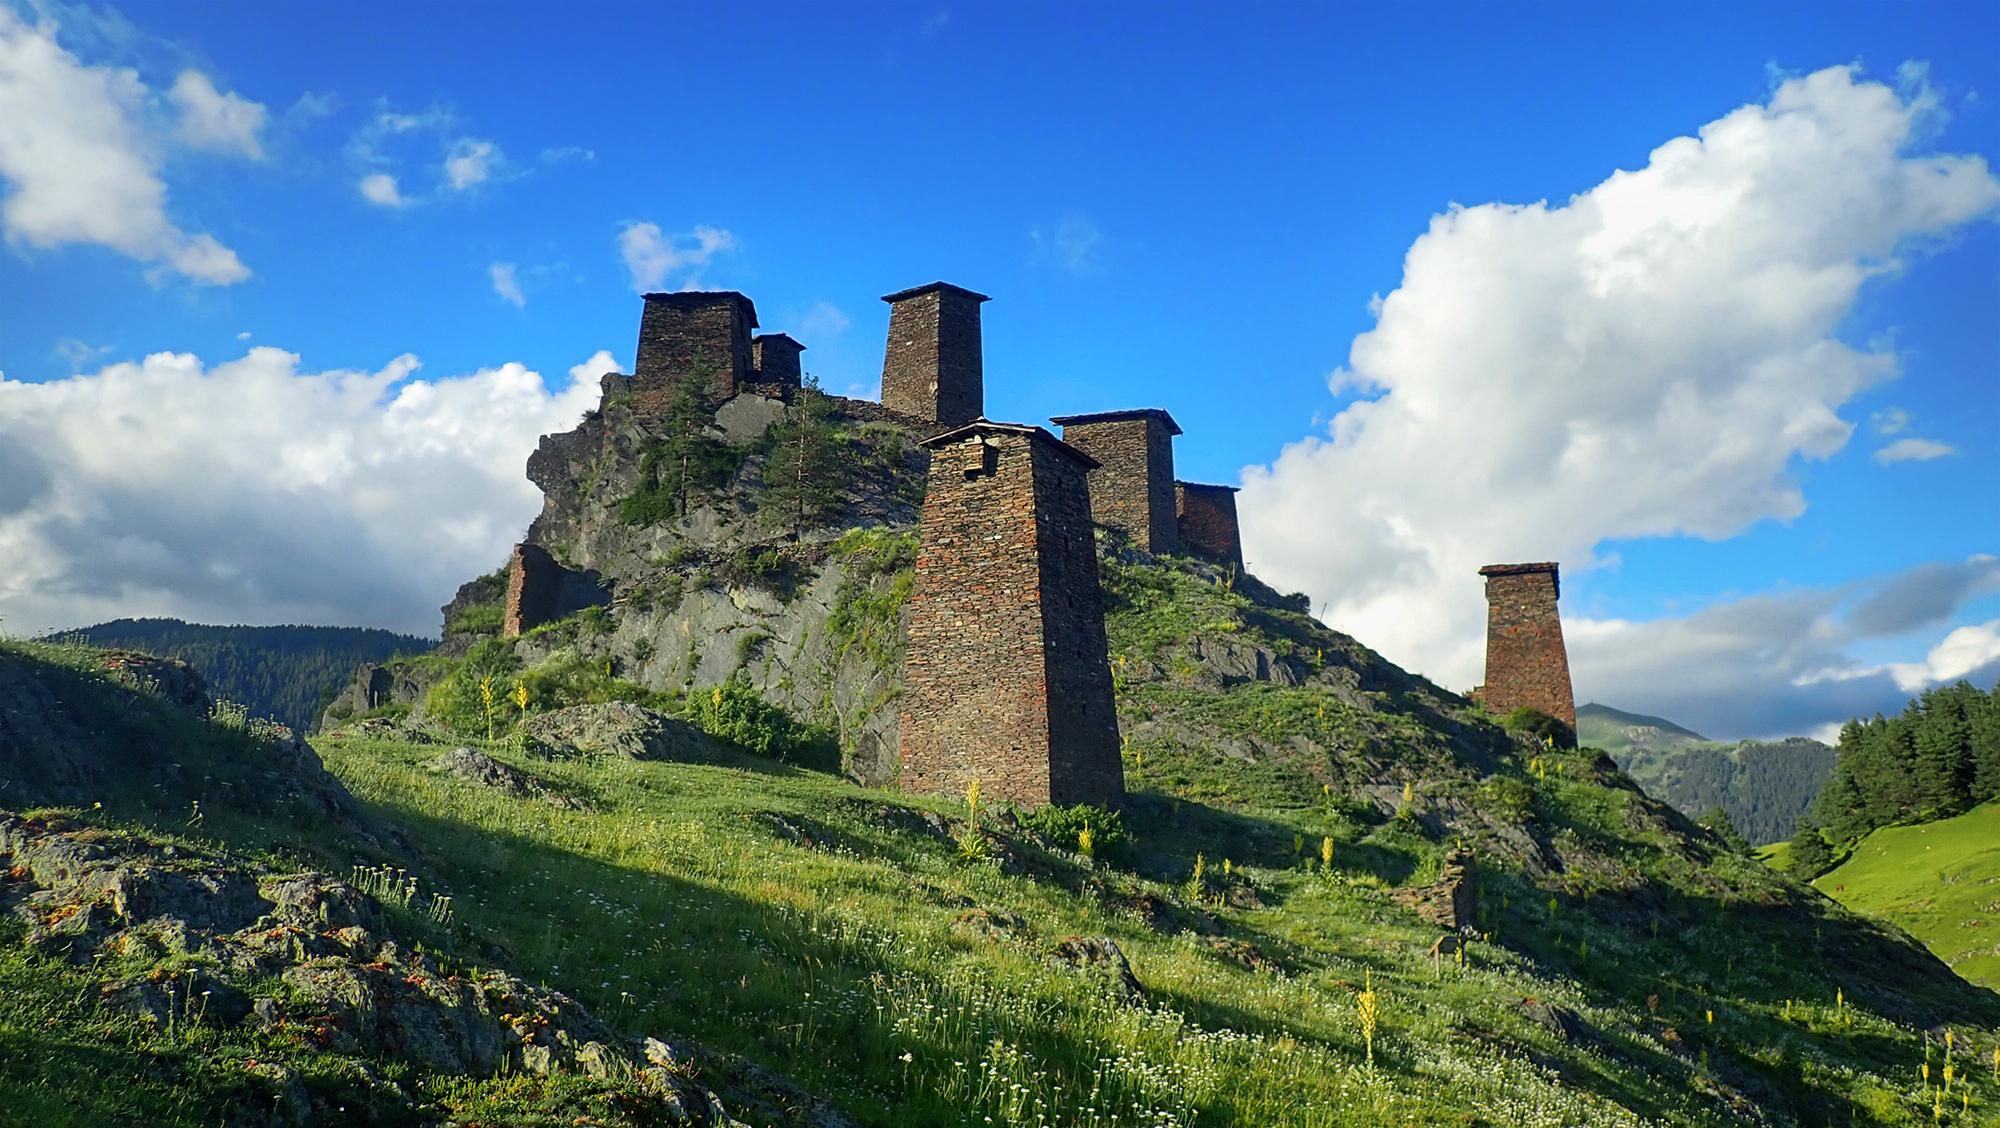 Obronne osiedle w Kaukazie